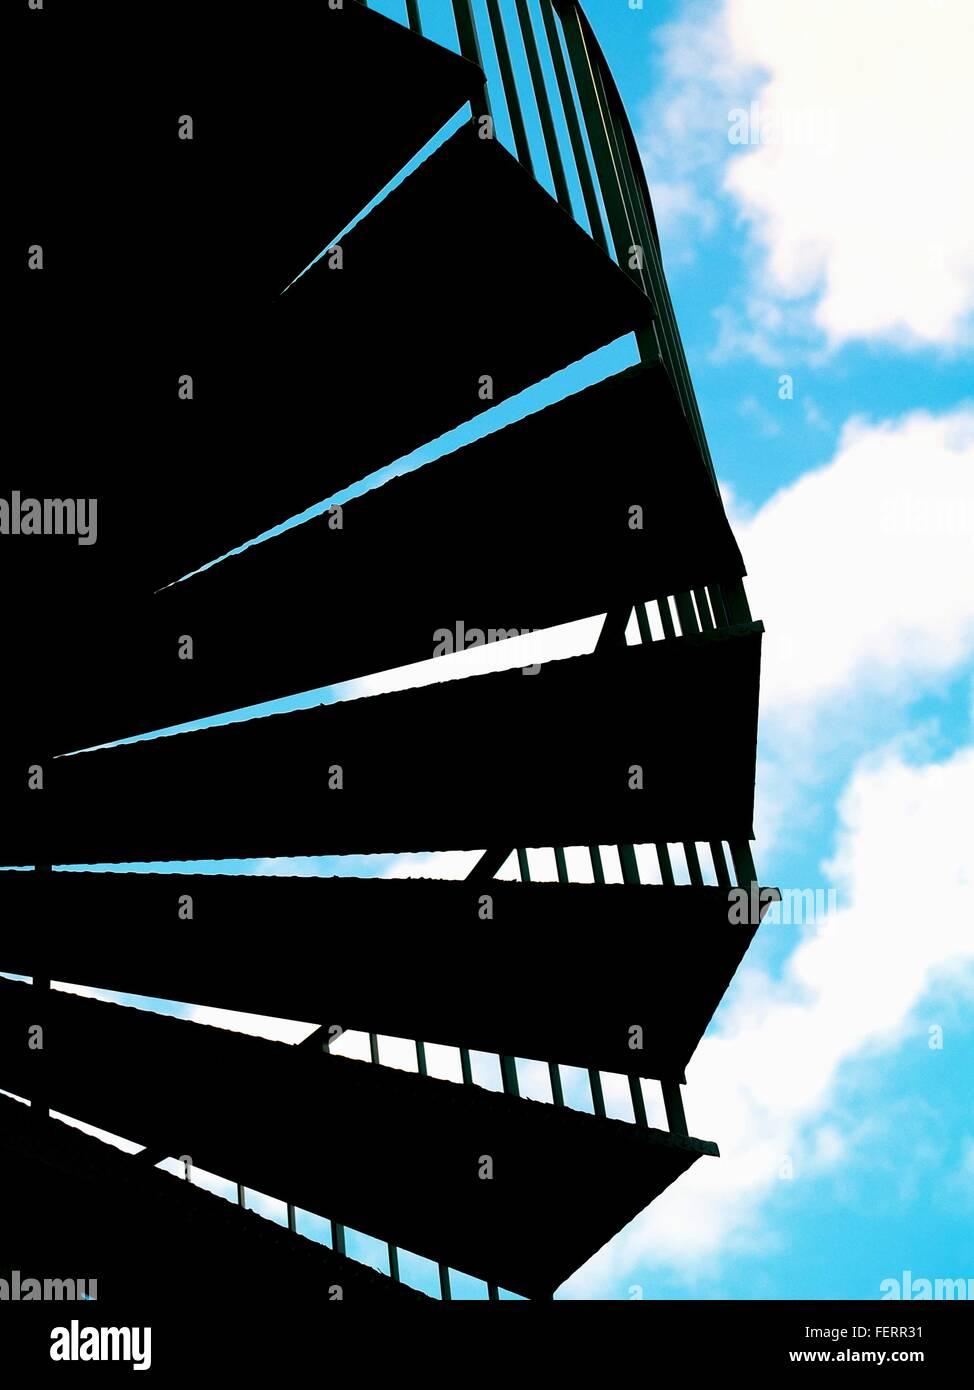 Ángulo de visión baja de silueta pasos contra el cielo nublado Imagen De Stock